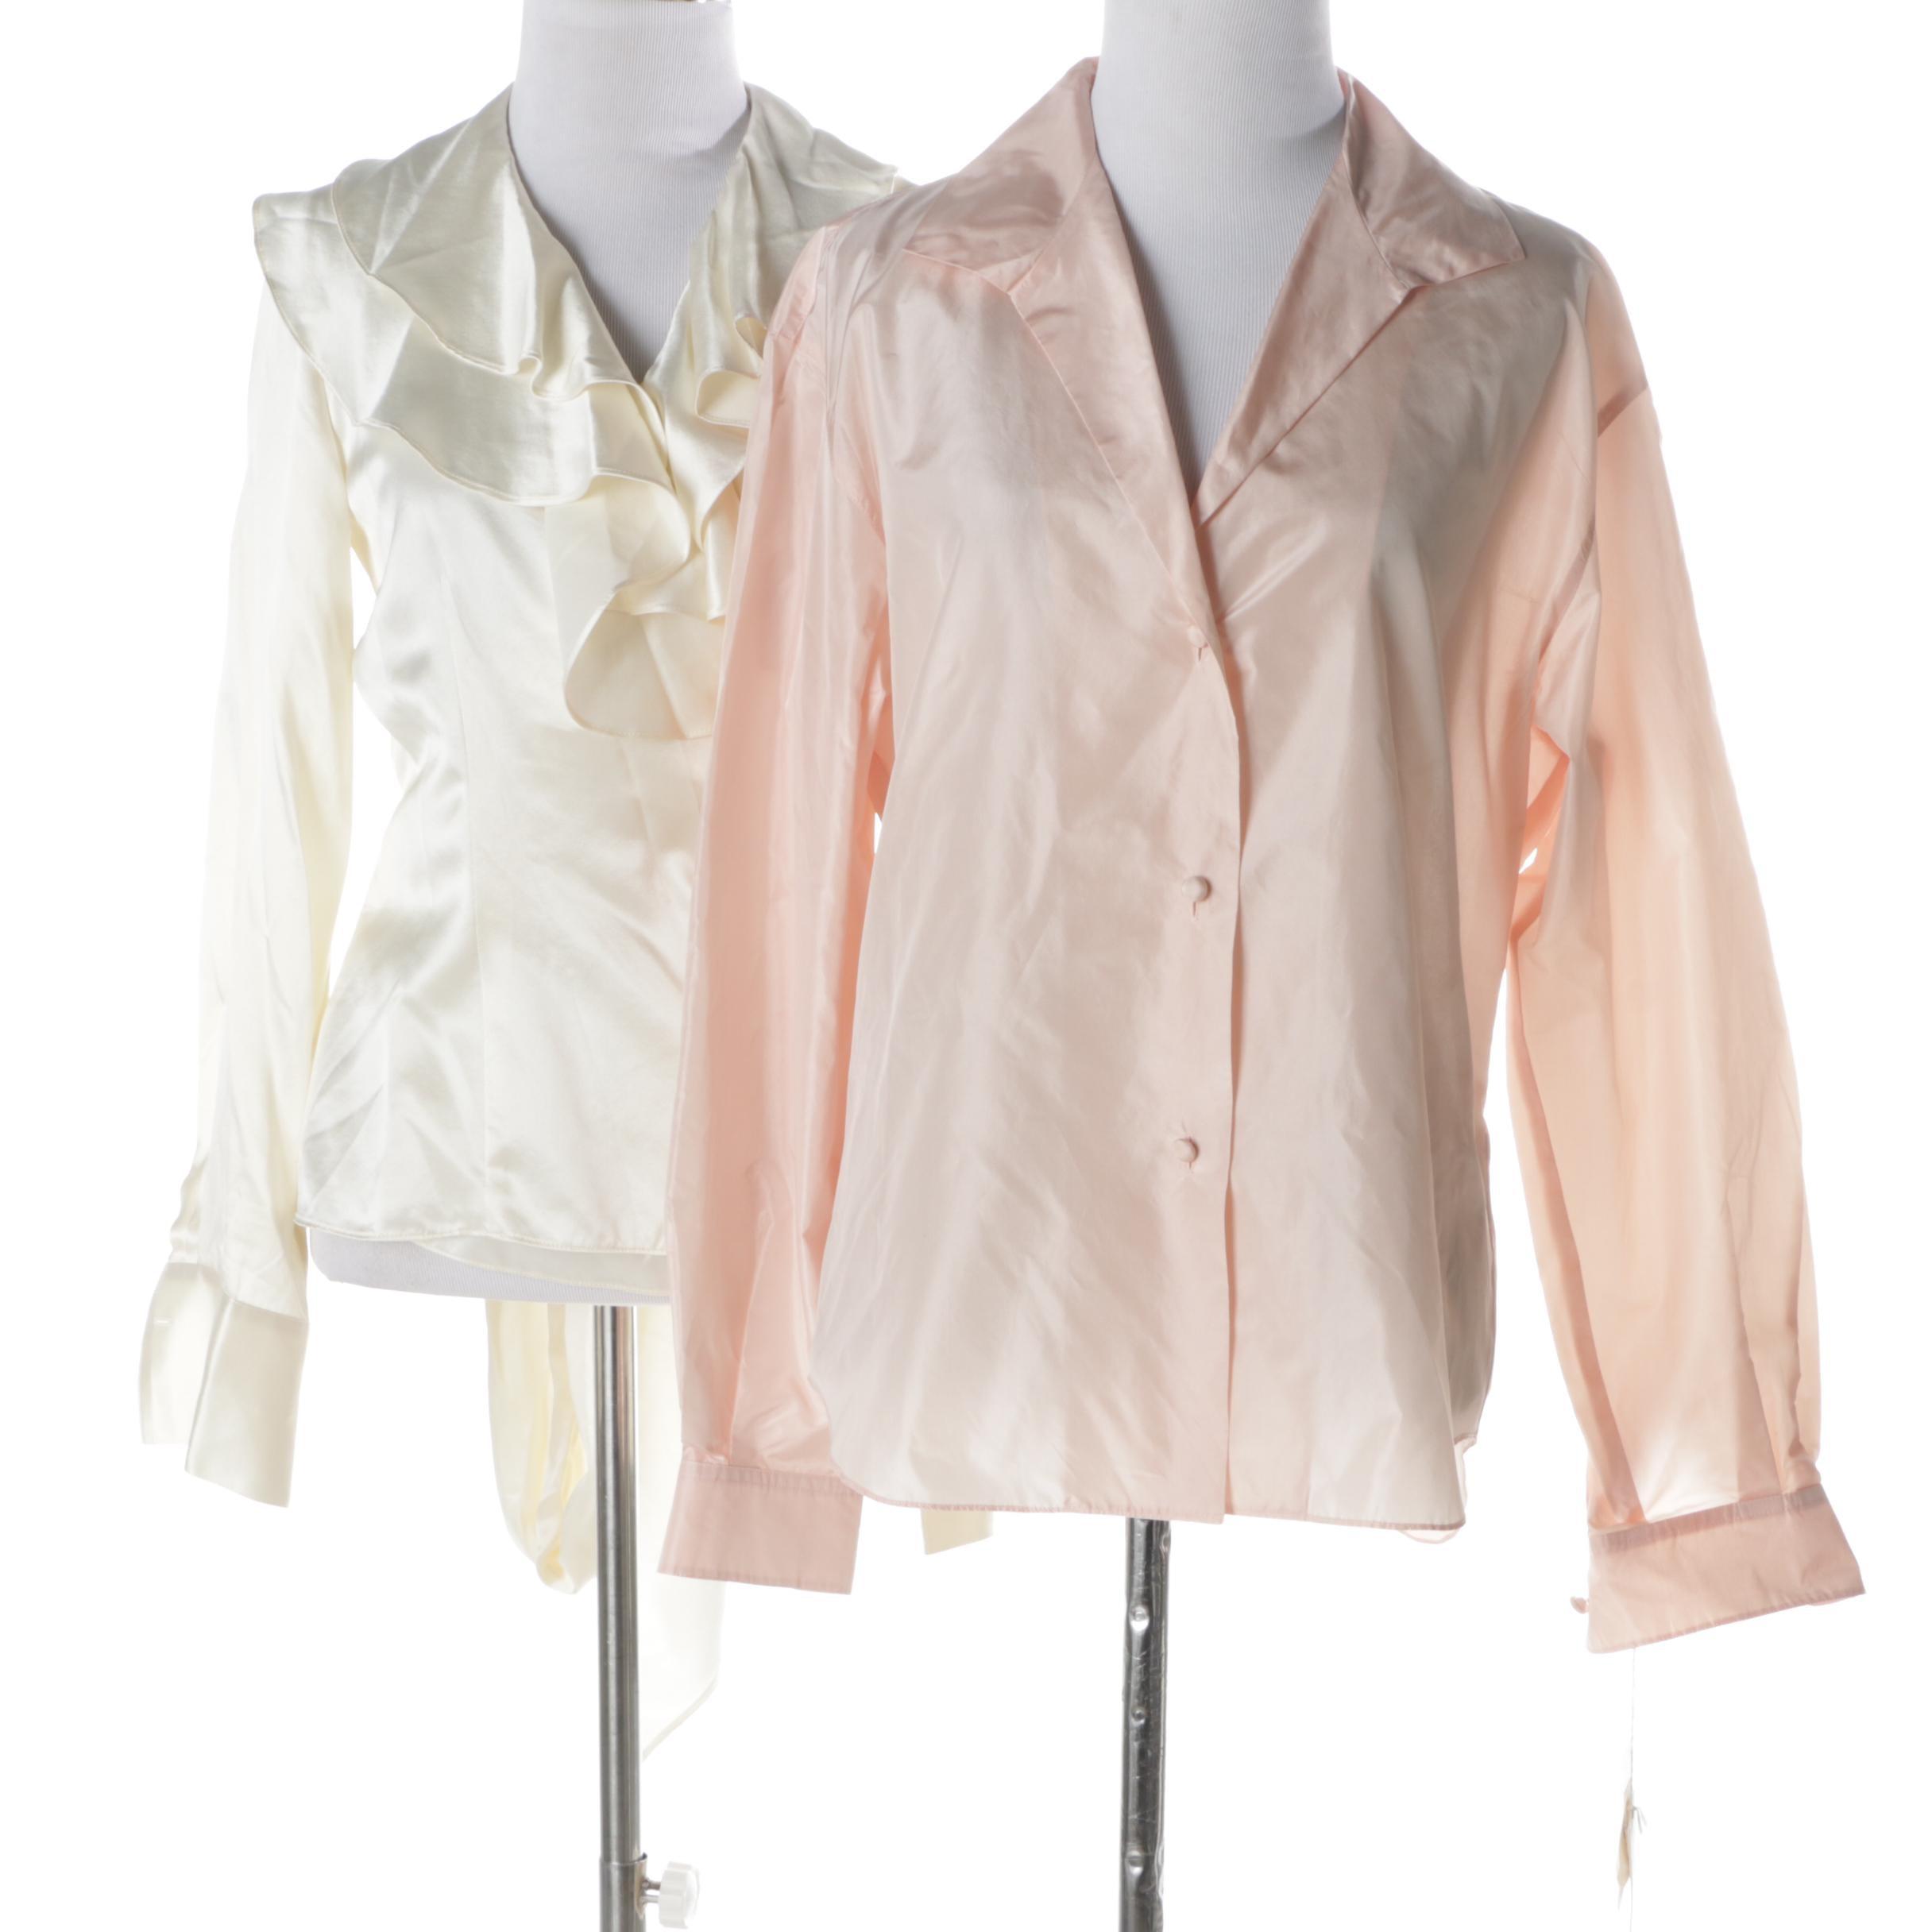 Women's Lauren Ralph Lauren and Calvin Klein Silk Blouses